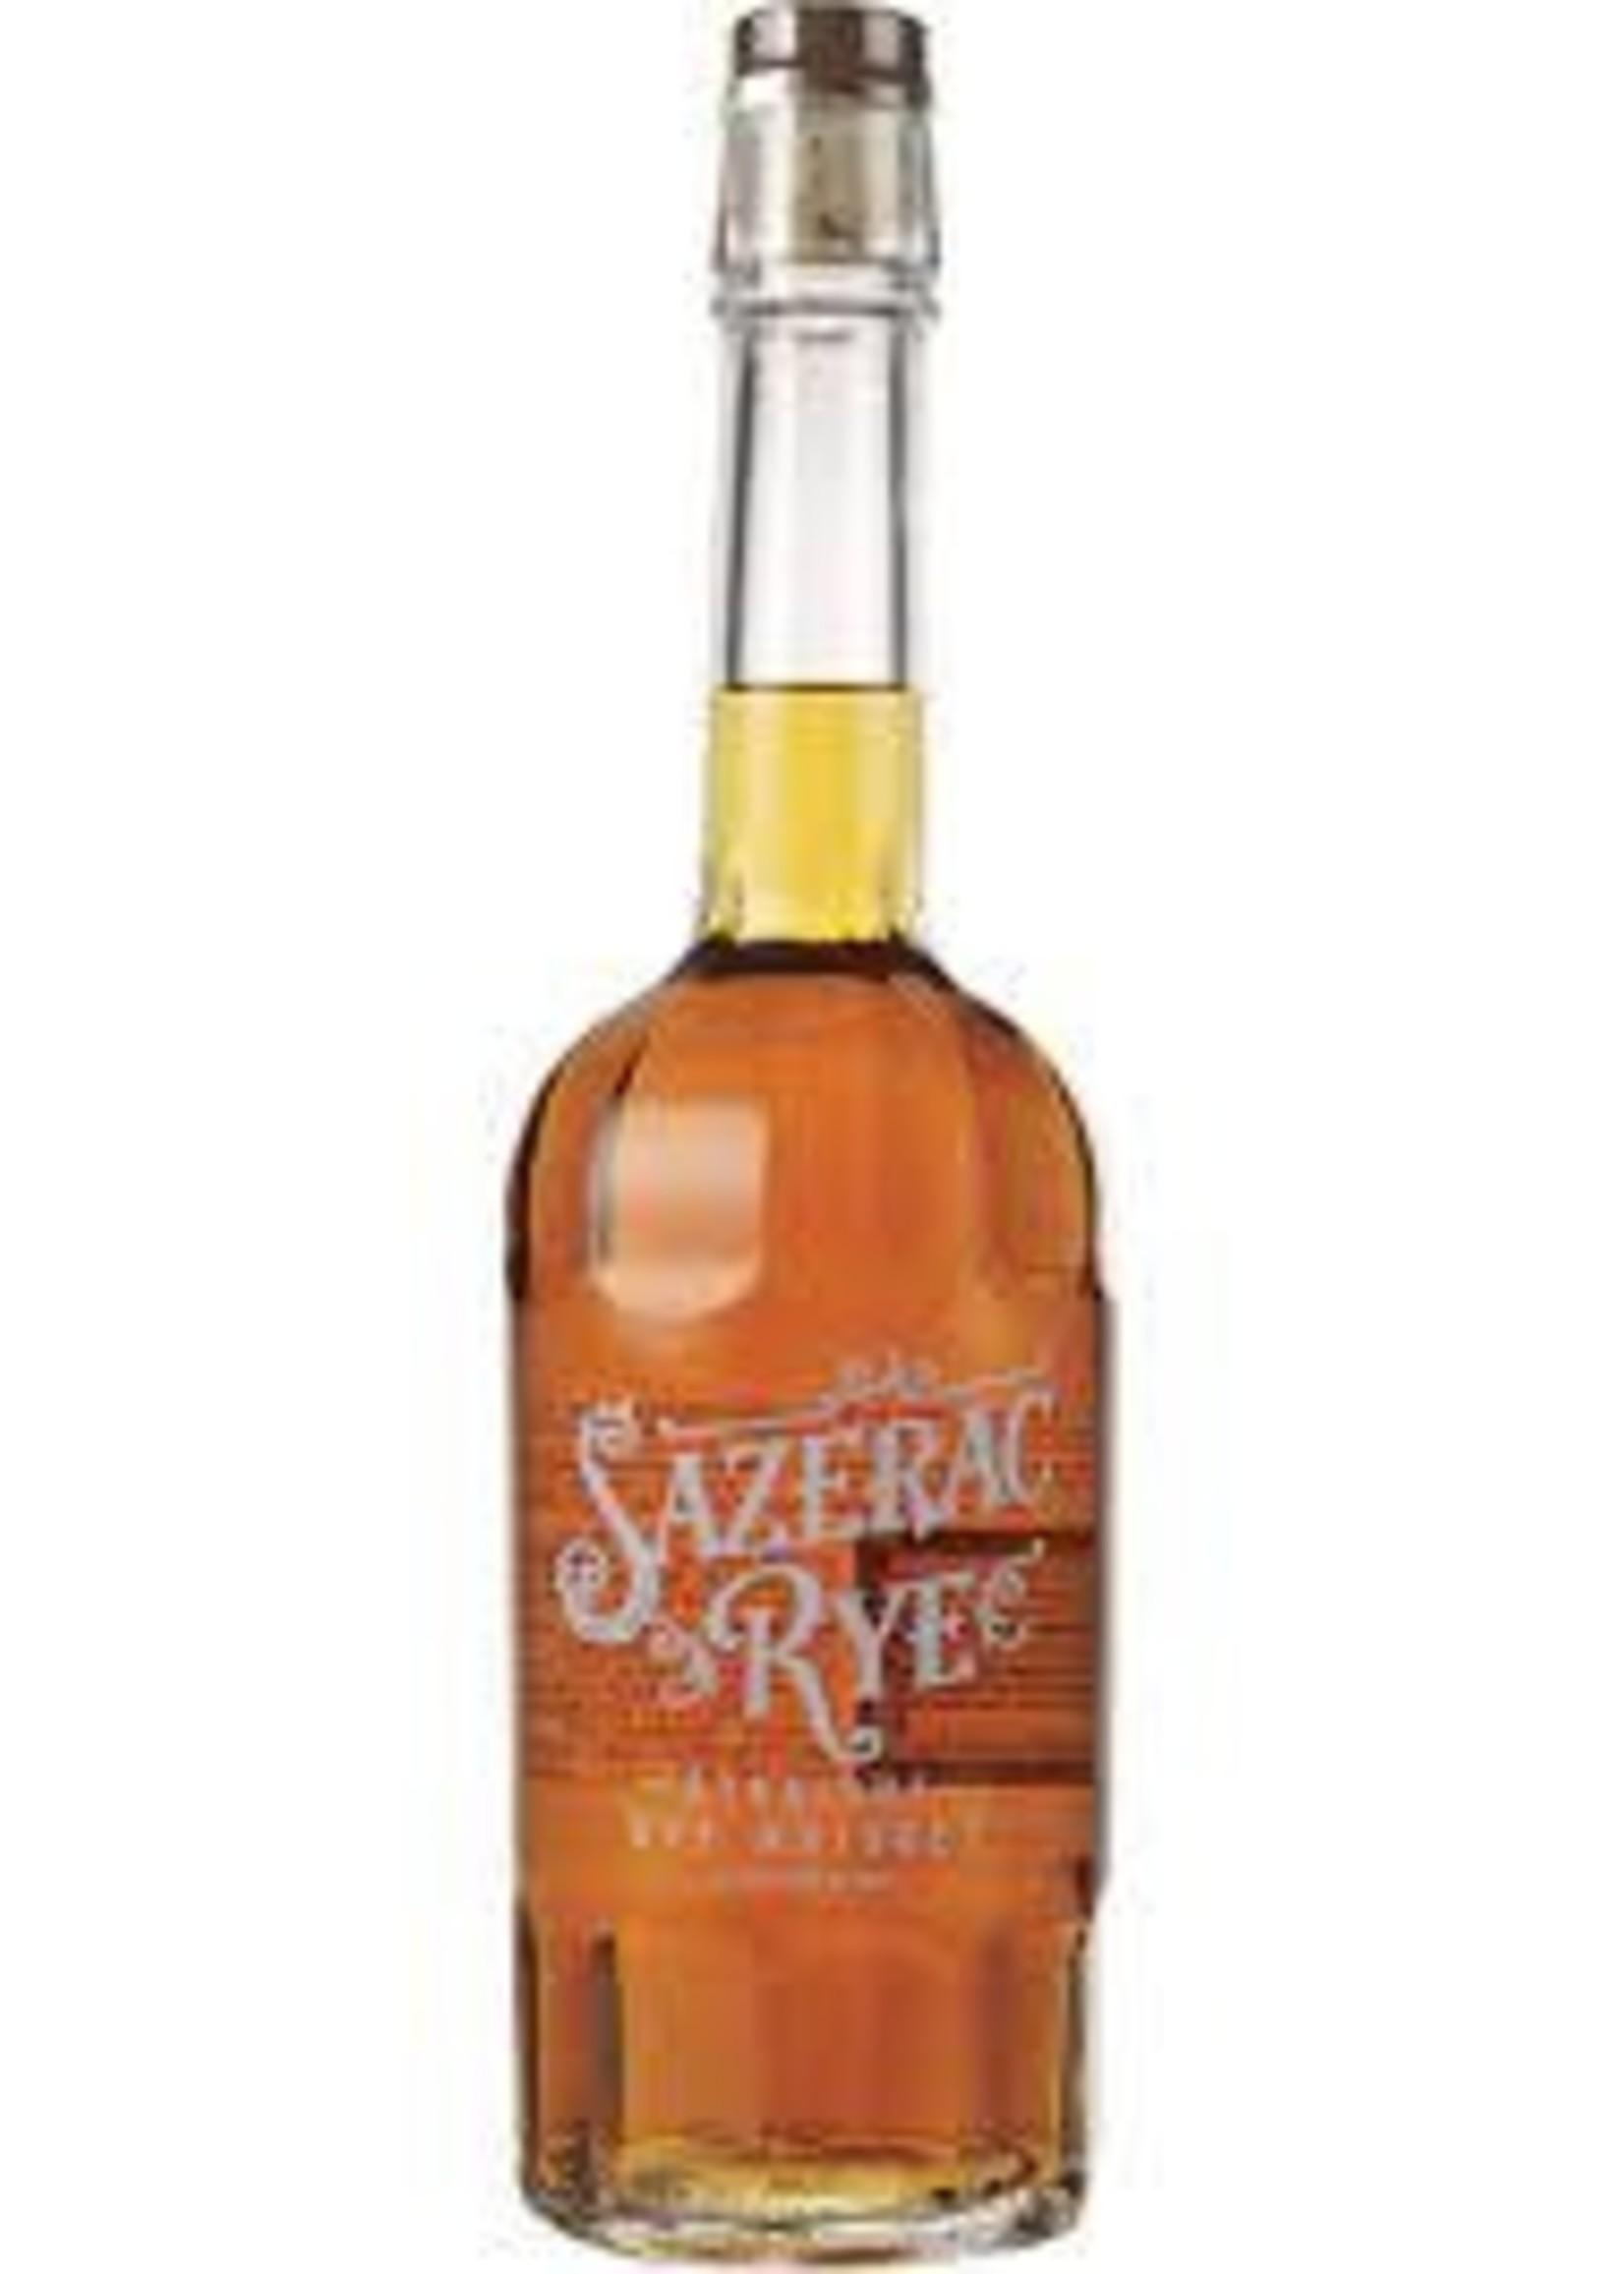 Sazerac 6 year Old Rye Whiskey 750ml